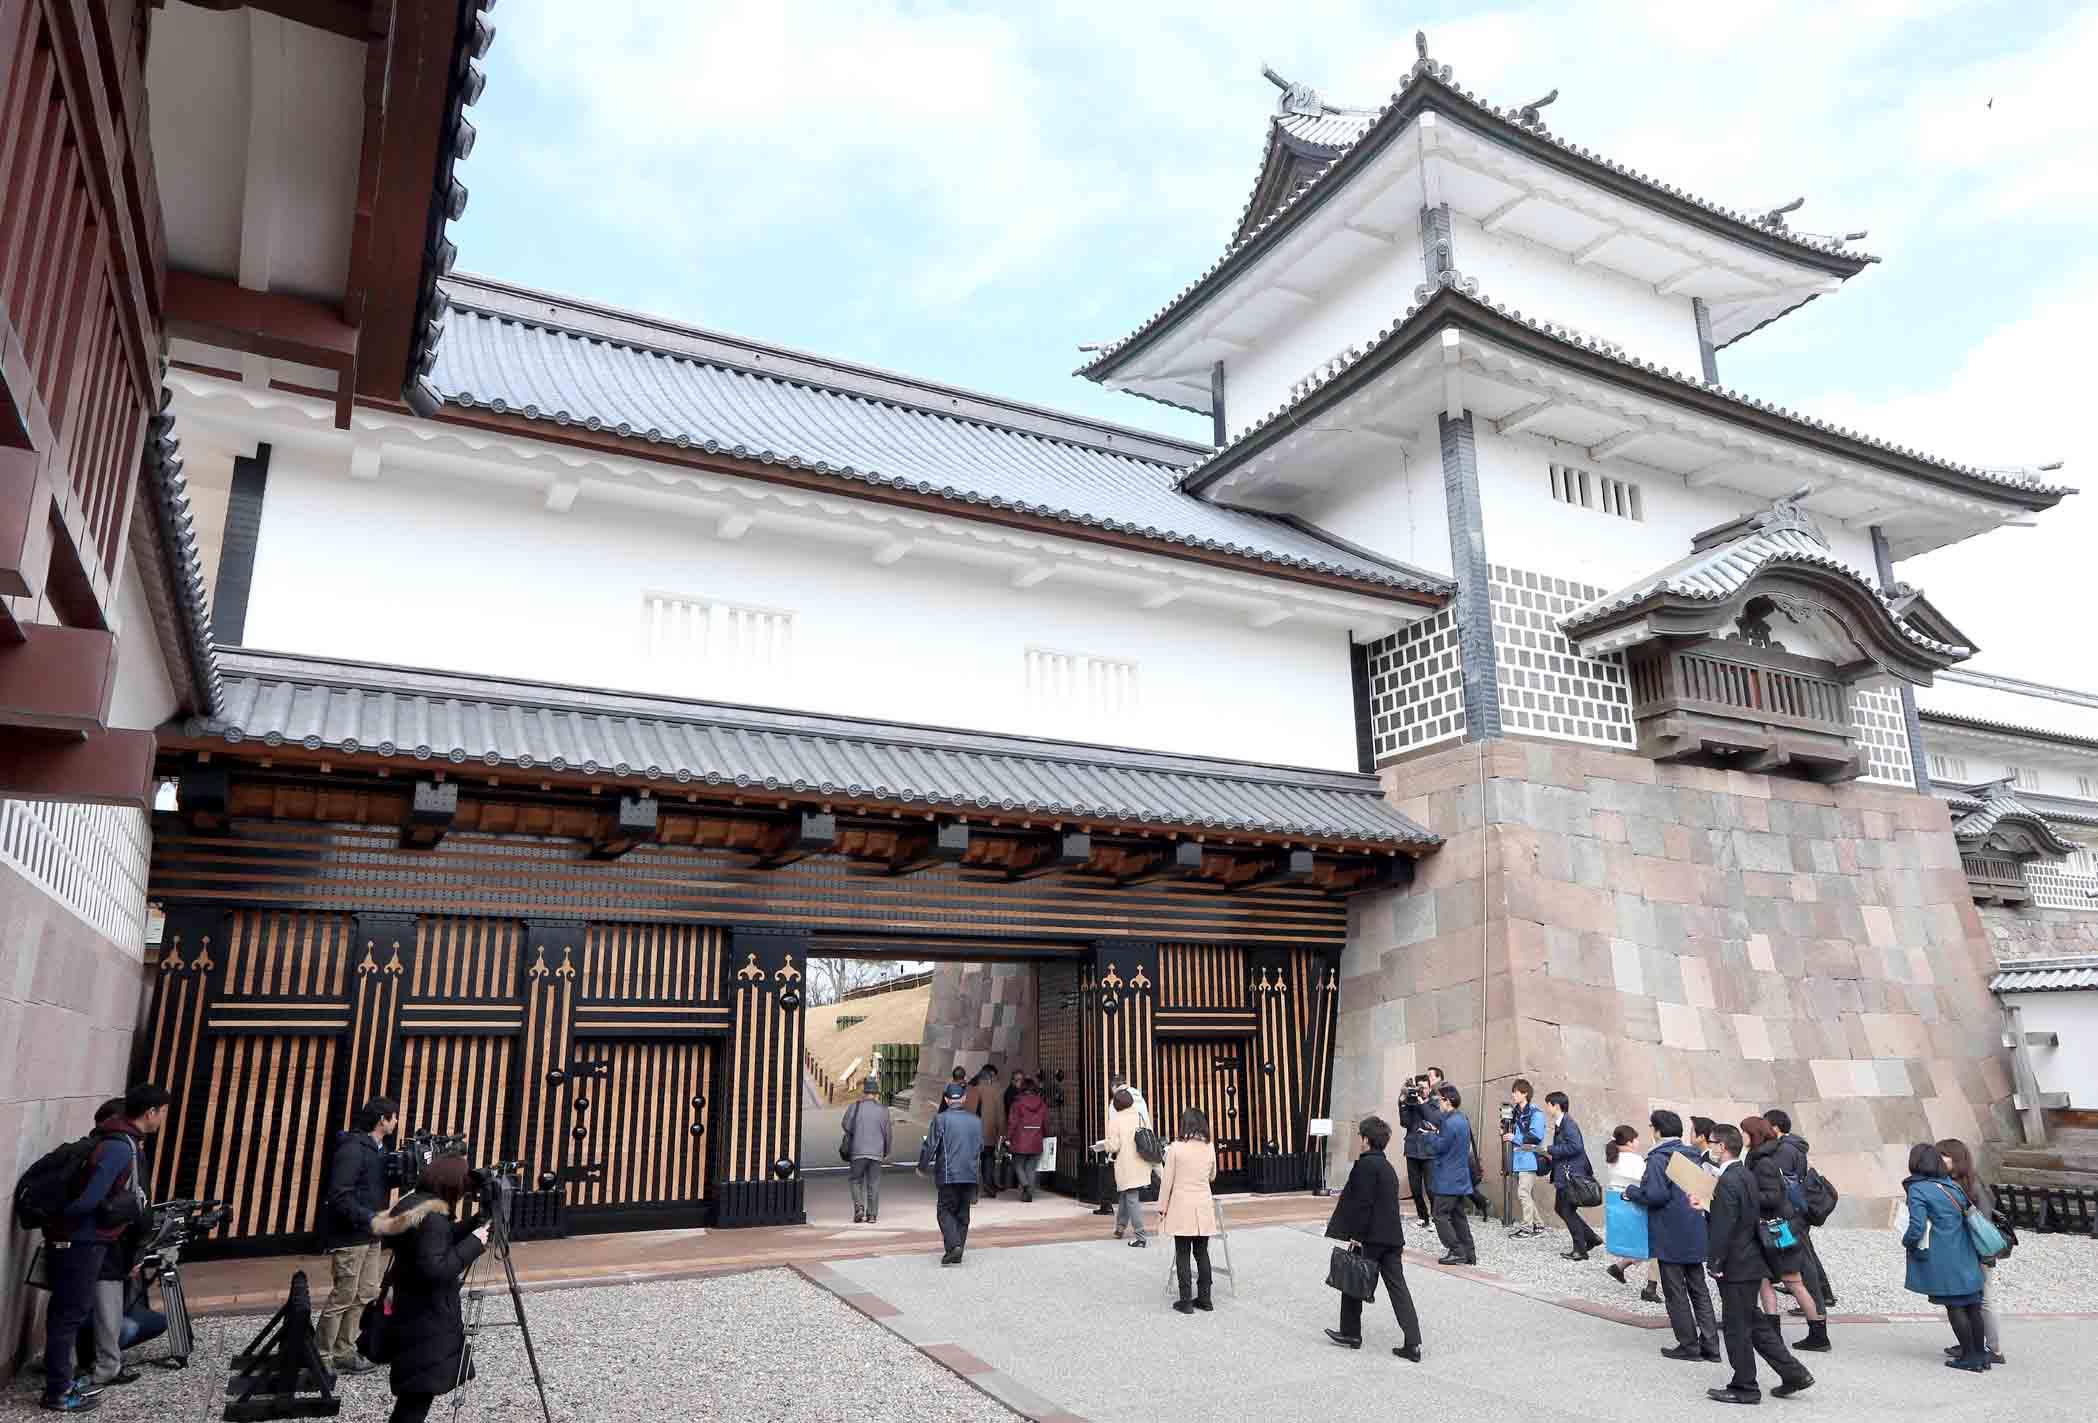 威容を放つ橋爪門二の門を見学する関係者=6日午前10時15分、金沢城公園